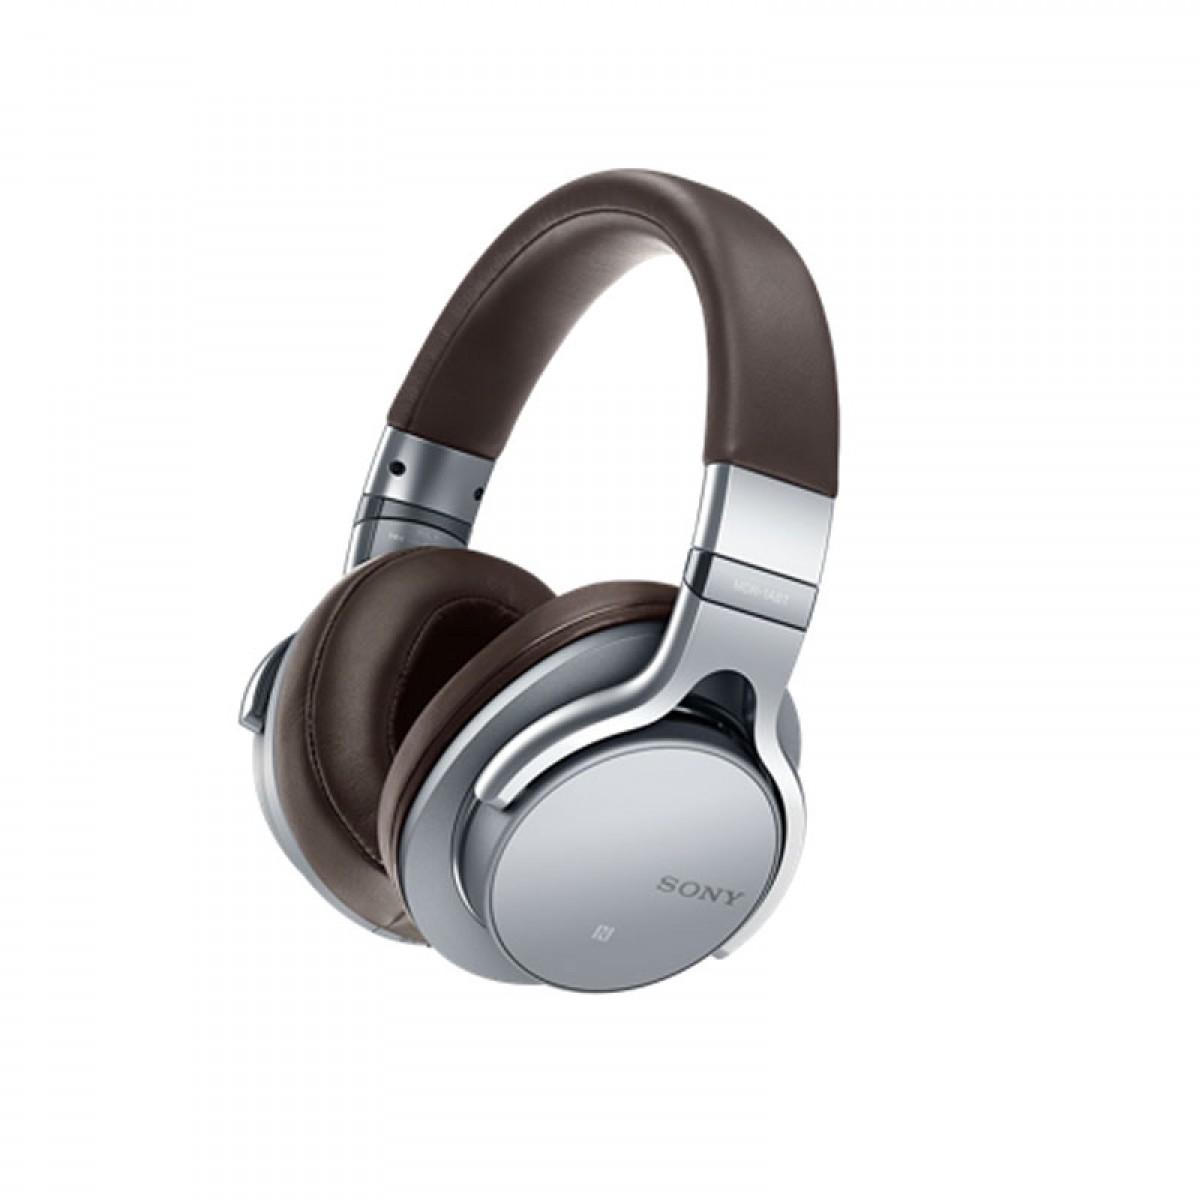 Гарнитура Sony MDR-1ABT SilverНаушники и гарнитуры<br>Sony MDR-1ABT Silver — изысканный выбор меломанов.<br>Создатели гарнитуры Sony MDR-1ABT Silver обещают, что в ней вы услышите буквально каждую ноту любой музыкальной композиции, будь то классика или хэвиметал. Они совершенно правы, ведь с частотным диапазоном от 4 Гц до 100 кГц вы можете слушать музыку даже на максимальной громкости и получать настоящий кайф от звучания.<br>Эта модель разрывает все шаблонные мнения о беспроводных наушниках. Никаких помех, передача сигнала по Bluetooth с полным сохранением высокого качества звука, поддержка аудио высокого разрешения — ...<br><br>Тип: наушники<br>Вид наушников: Мониторные<br>Тип подключения: Беспроводные<br>Номинальная мощность мВт: 100<br>Диапазон воспроизводимых частот, Гц: 4 Гц - 100 000 Гц<br>Сопротивление, Импеданс: 24 Ом<br>Чувствительность дБ: 98<br>Канал передачи данных: Bluetooth<br>Микрофон: есть